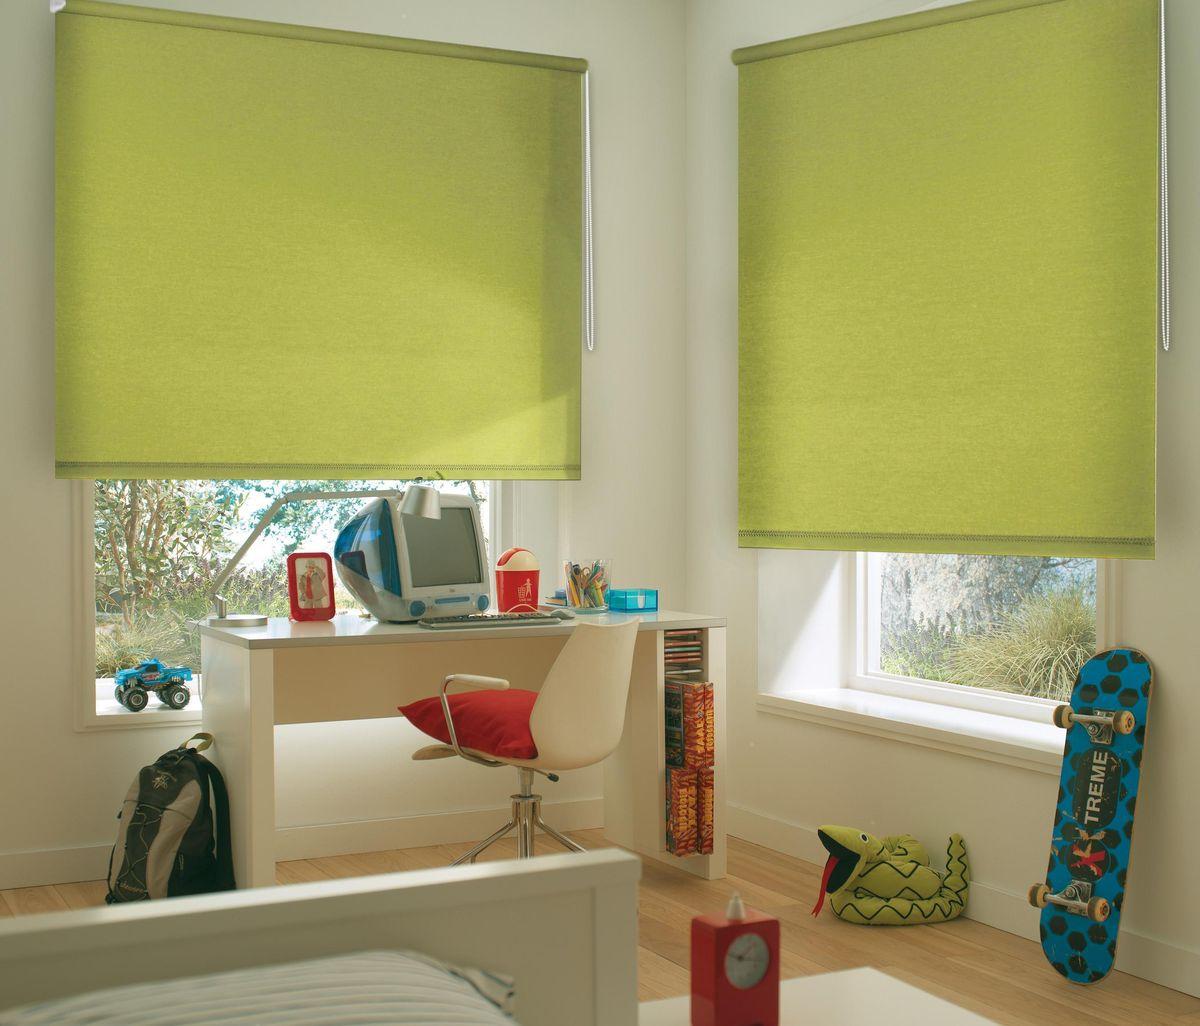 Штора рулонная Эскар, цвет: салатовый, ширина 210 см, высота 170 см81014210170Рулонными шторами можно оформлять окна как самостоятельно, так и использовать в комбинации с портьерами. Это поможет предотвратить выгорание дорогой ткани на солнце и соединит функционал рулонных с красотой навесных. Преимущества применения рулонных штор для пластиковых окон: - имеют прекрасный внешний вид: многообразие и фактурность материала изделия отлично смотрятся в любом интерьере; - многофункциональны: есть возможность подобрать шторы способные эффективно защитить комнату от солнца, при этом она не будет слишком темной. - Есть возможность осуществить быстрый монтаж. ВНИМАНИЕ! Размеры ширины изделия указаны по ширине ткани! Во время эксплуатации не рекомендуется полностью разматывать рулон, чтобы не оторвать ткань от намоточного вала. В случае загрязнения поверхности ткани, чистку шторы проводят одним из способов, в зависимости от типа загрязнения: легкое поверхностное загрязнение можно удалить при помощи канцелярского ластика; чистка от пыли производится сухим методом при...